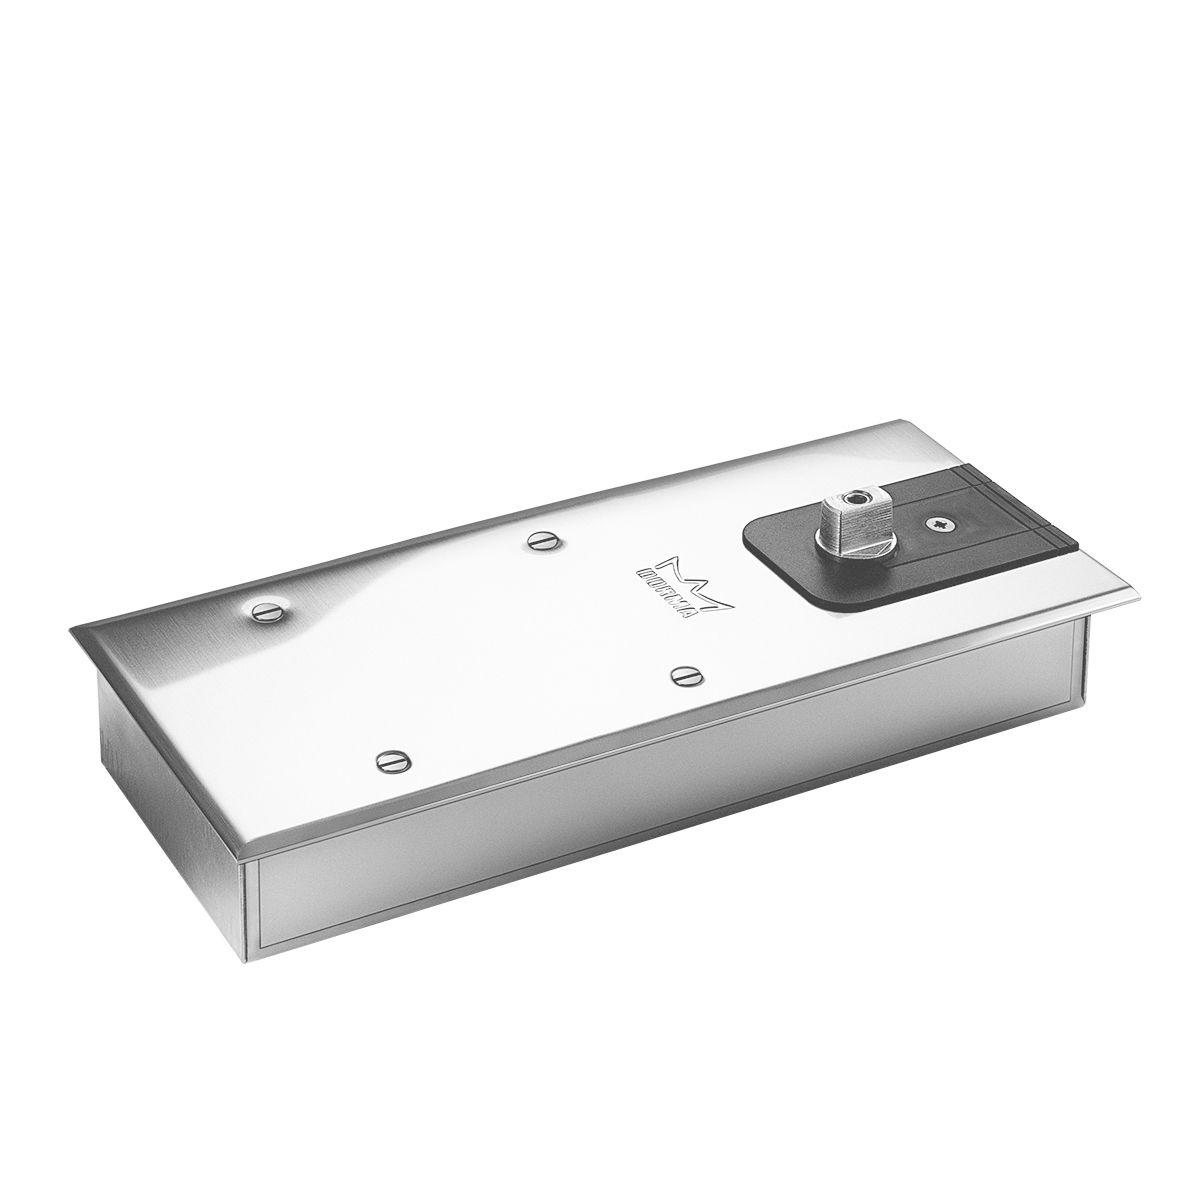 Mola Dorma BTS-65 INOX